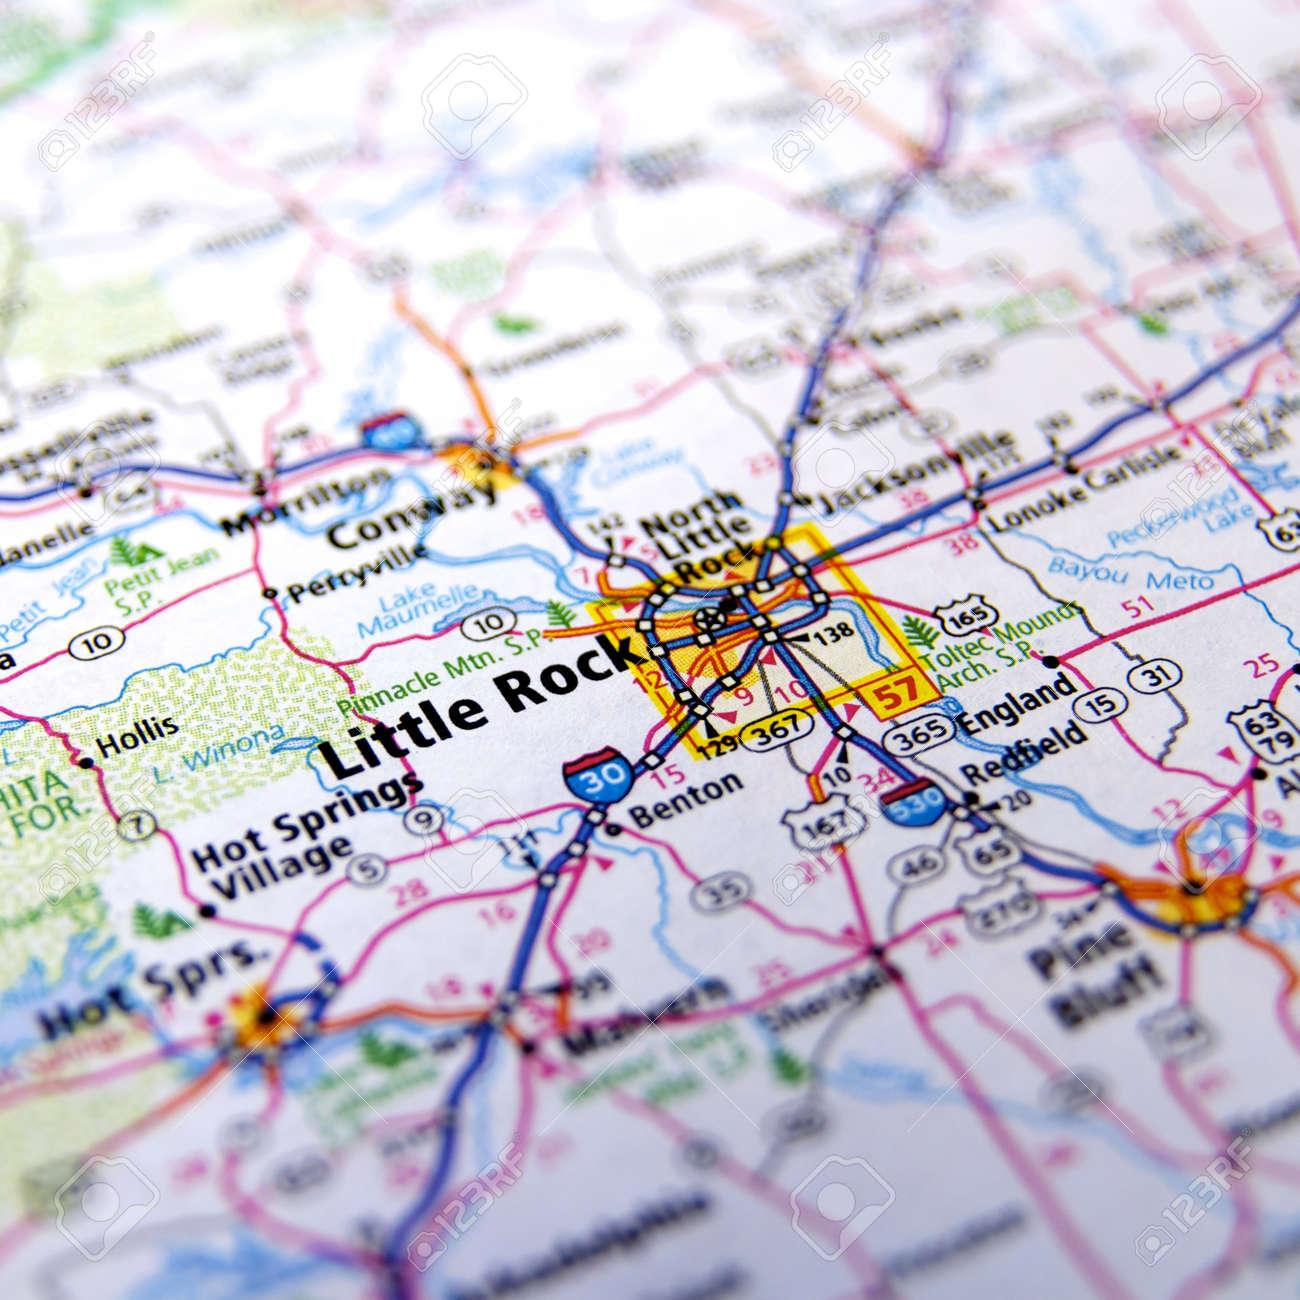 Close-Up map of Little Rock, Arkansas